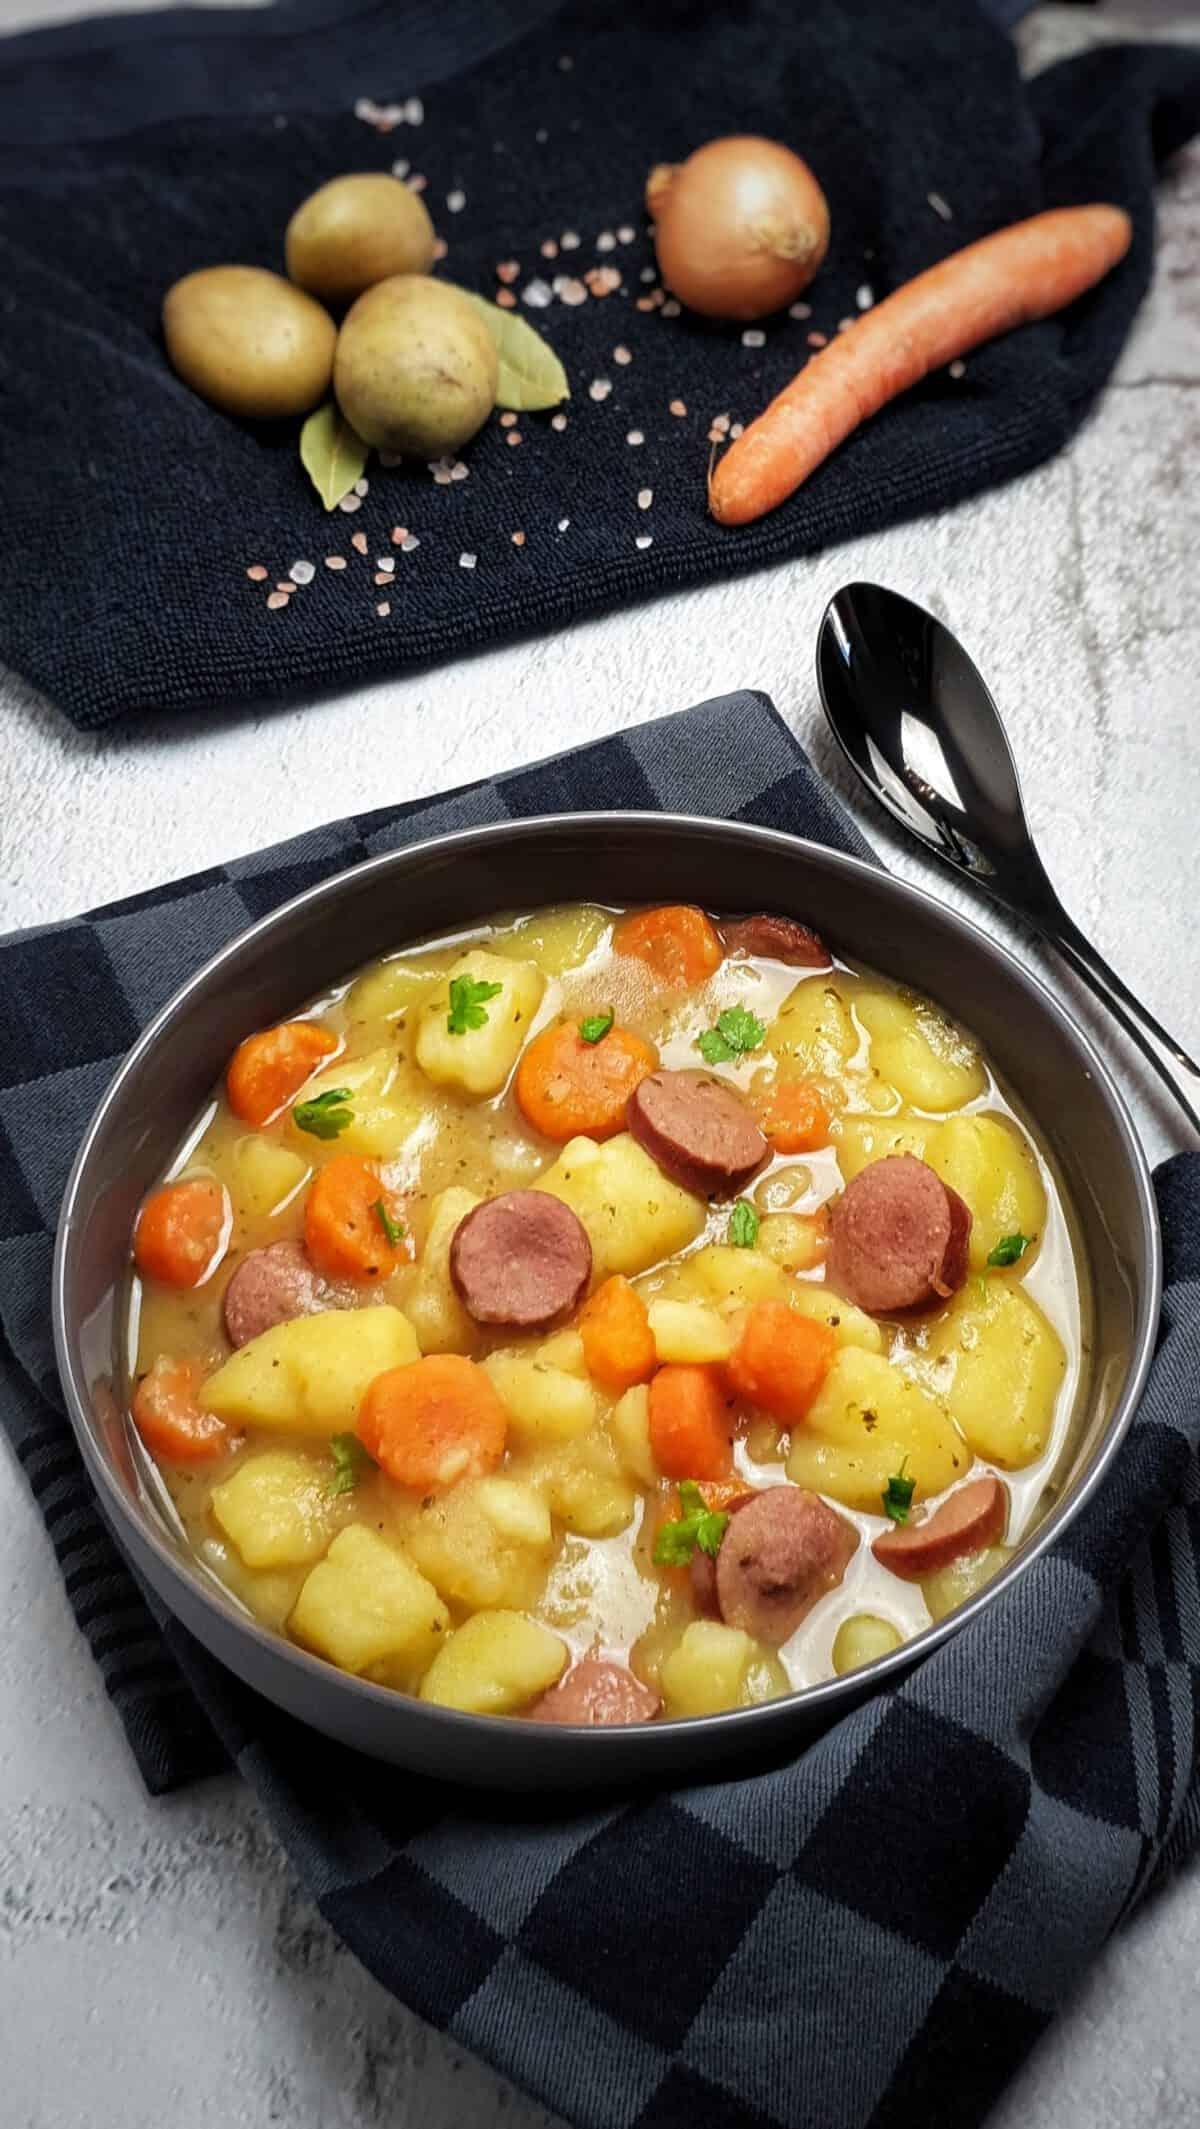 In einer grauen Schale angerichtet ein Kartoffel-Möhren-Eintopf mit Wurst. Bestreut mit Petersilie. Im Hintergrund Deko.